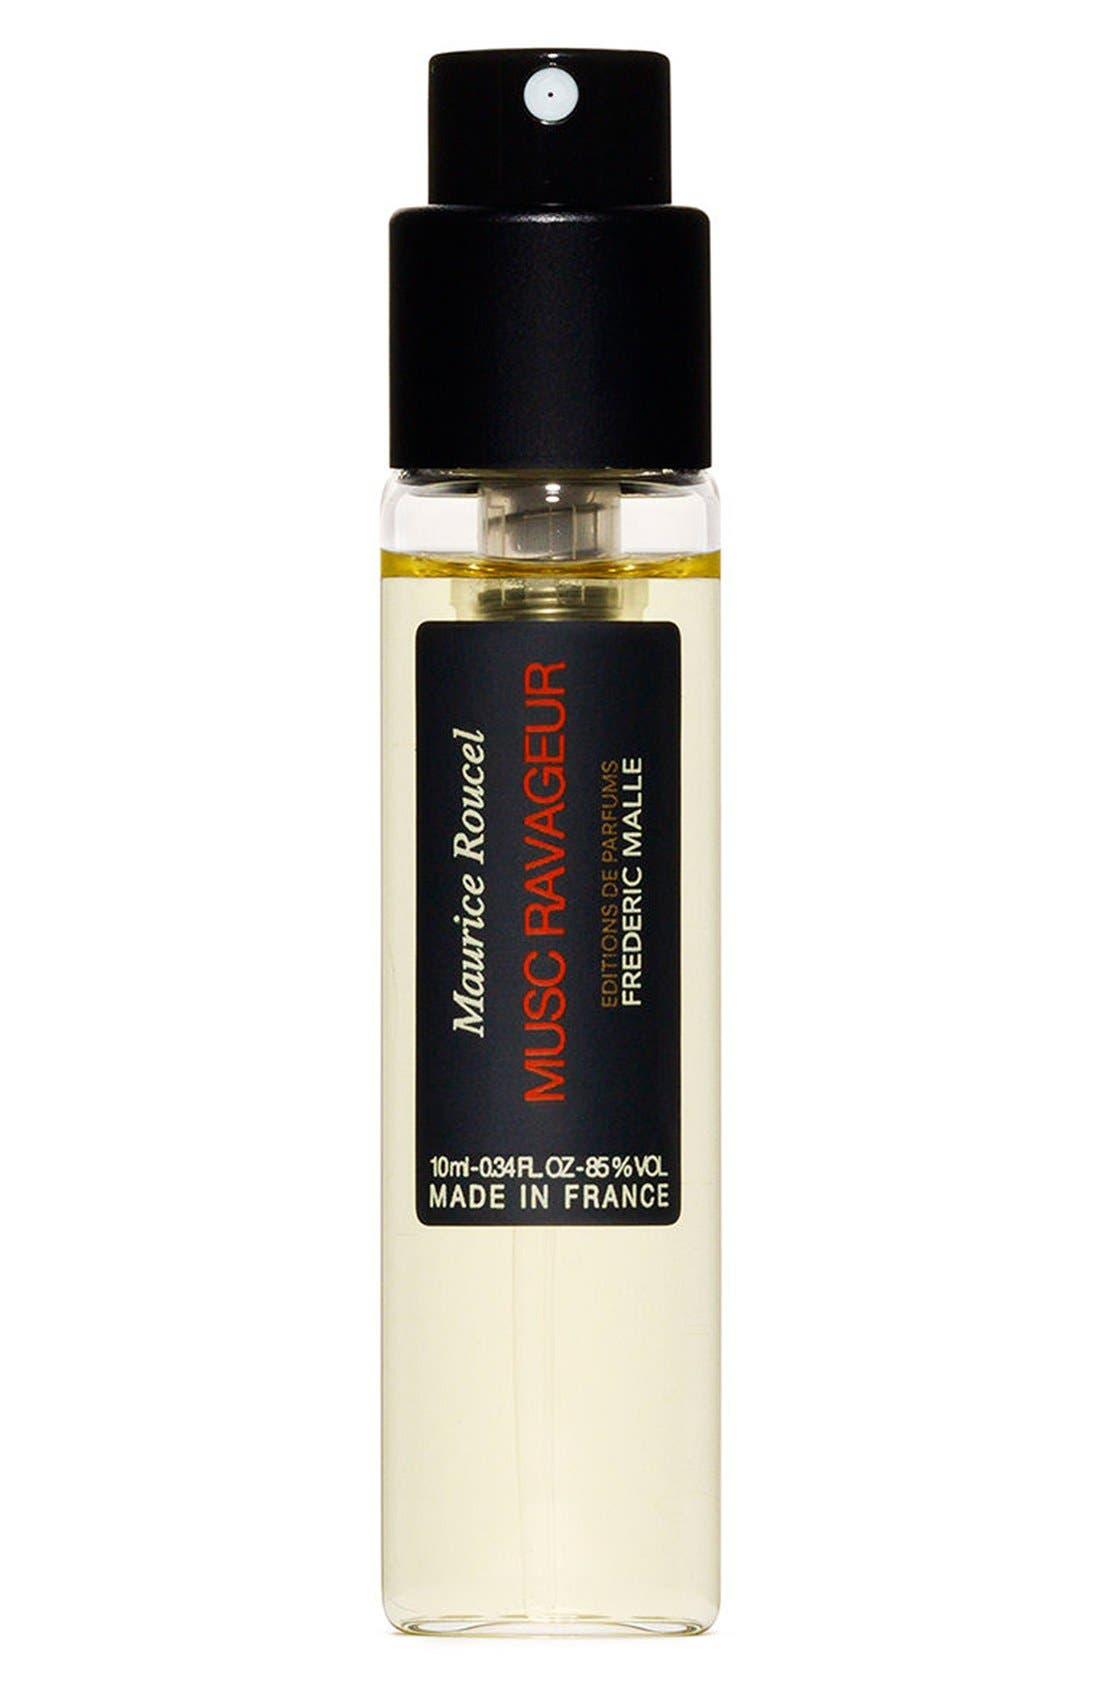 Editions de Parfums Frédéric Malle Musc Ravageur Travel Fragrance Spray,                             Main thumbnail 1, color,                             NO COLOR